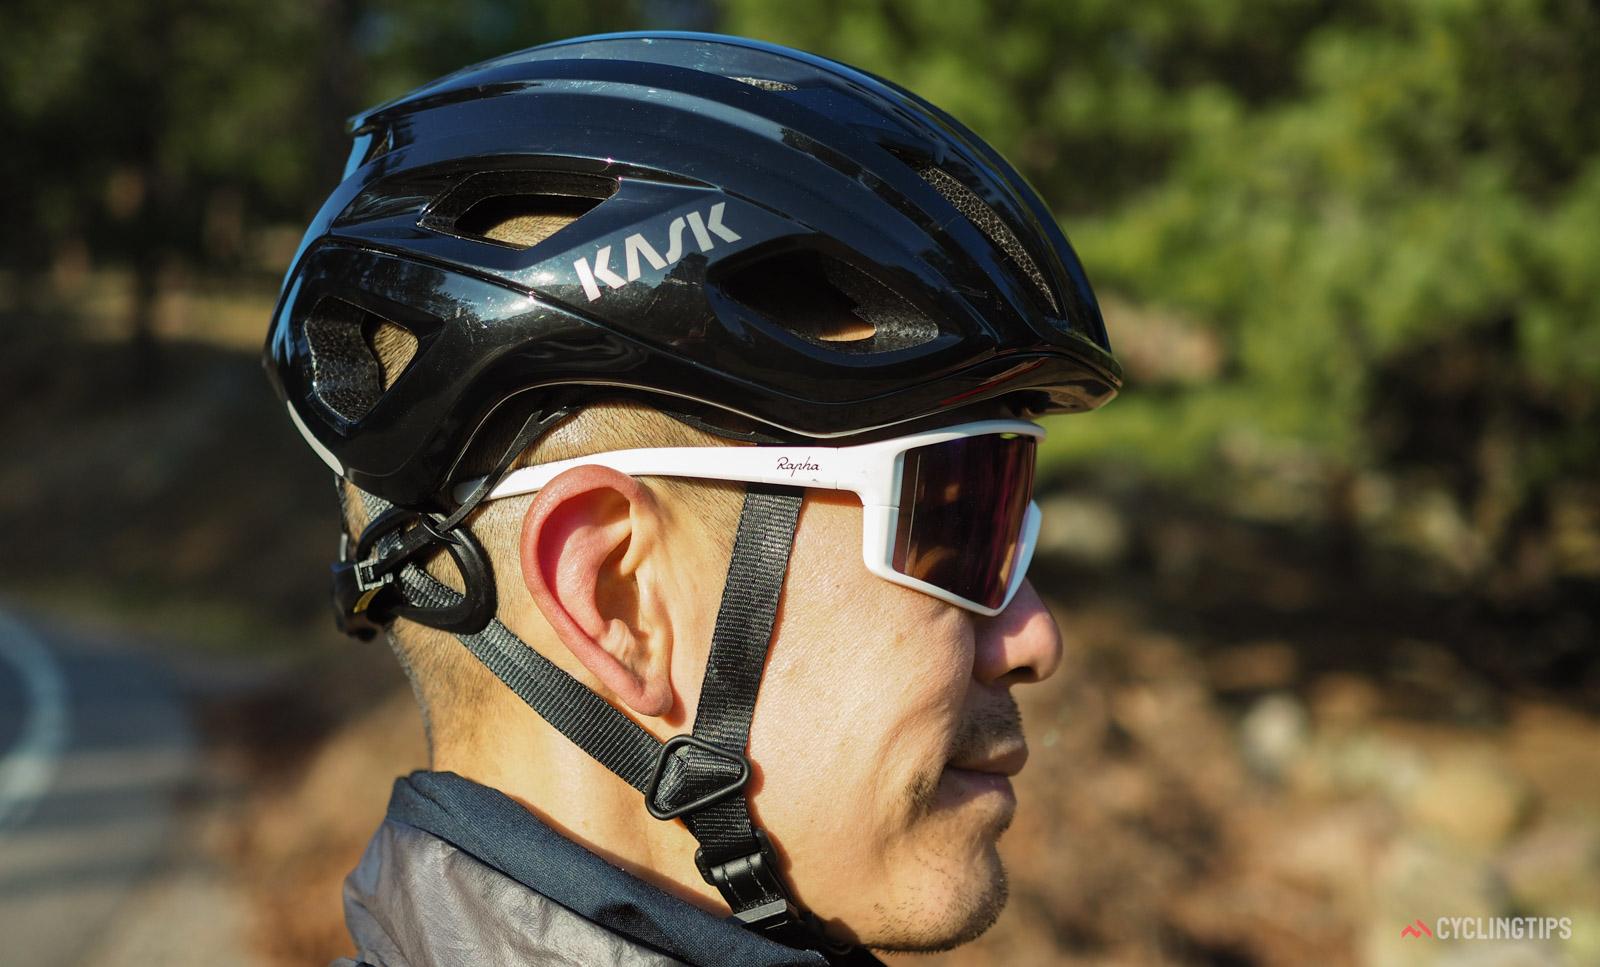 Kask Mojito3 Helm Bewertung: Eine moderne Wiederholung eines langjährigen Fanfavoriten